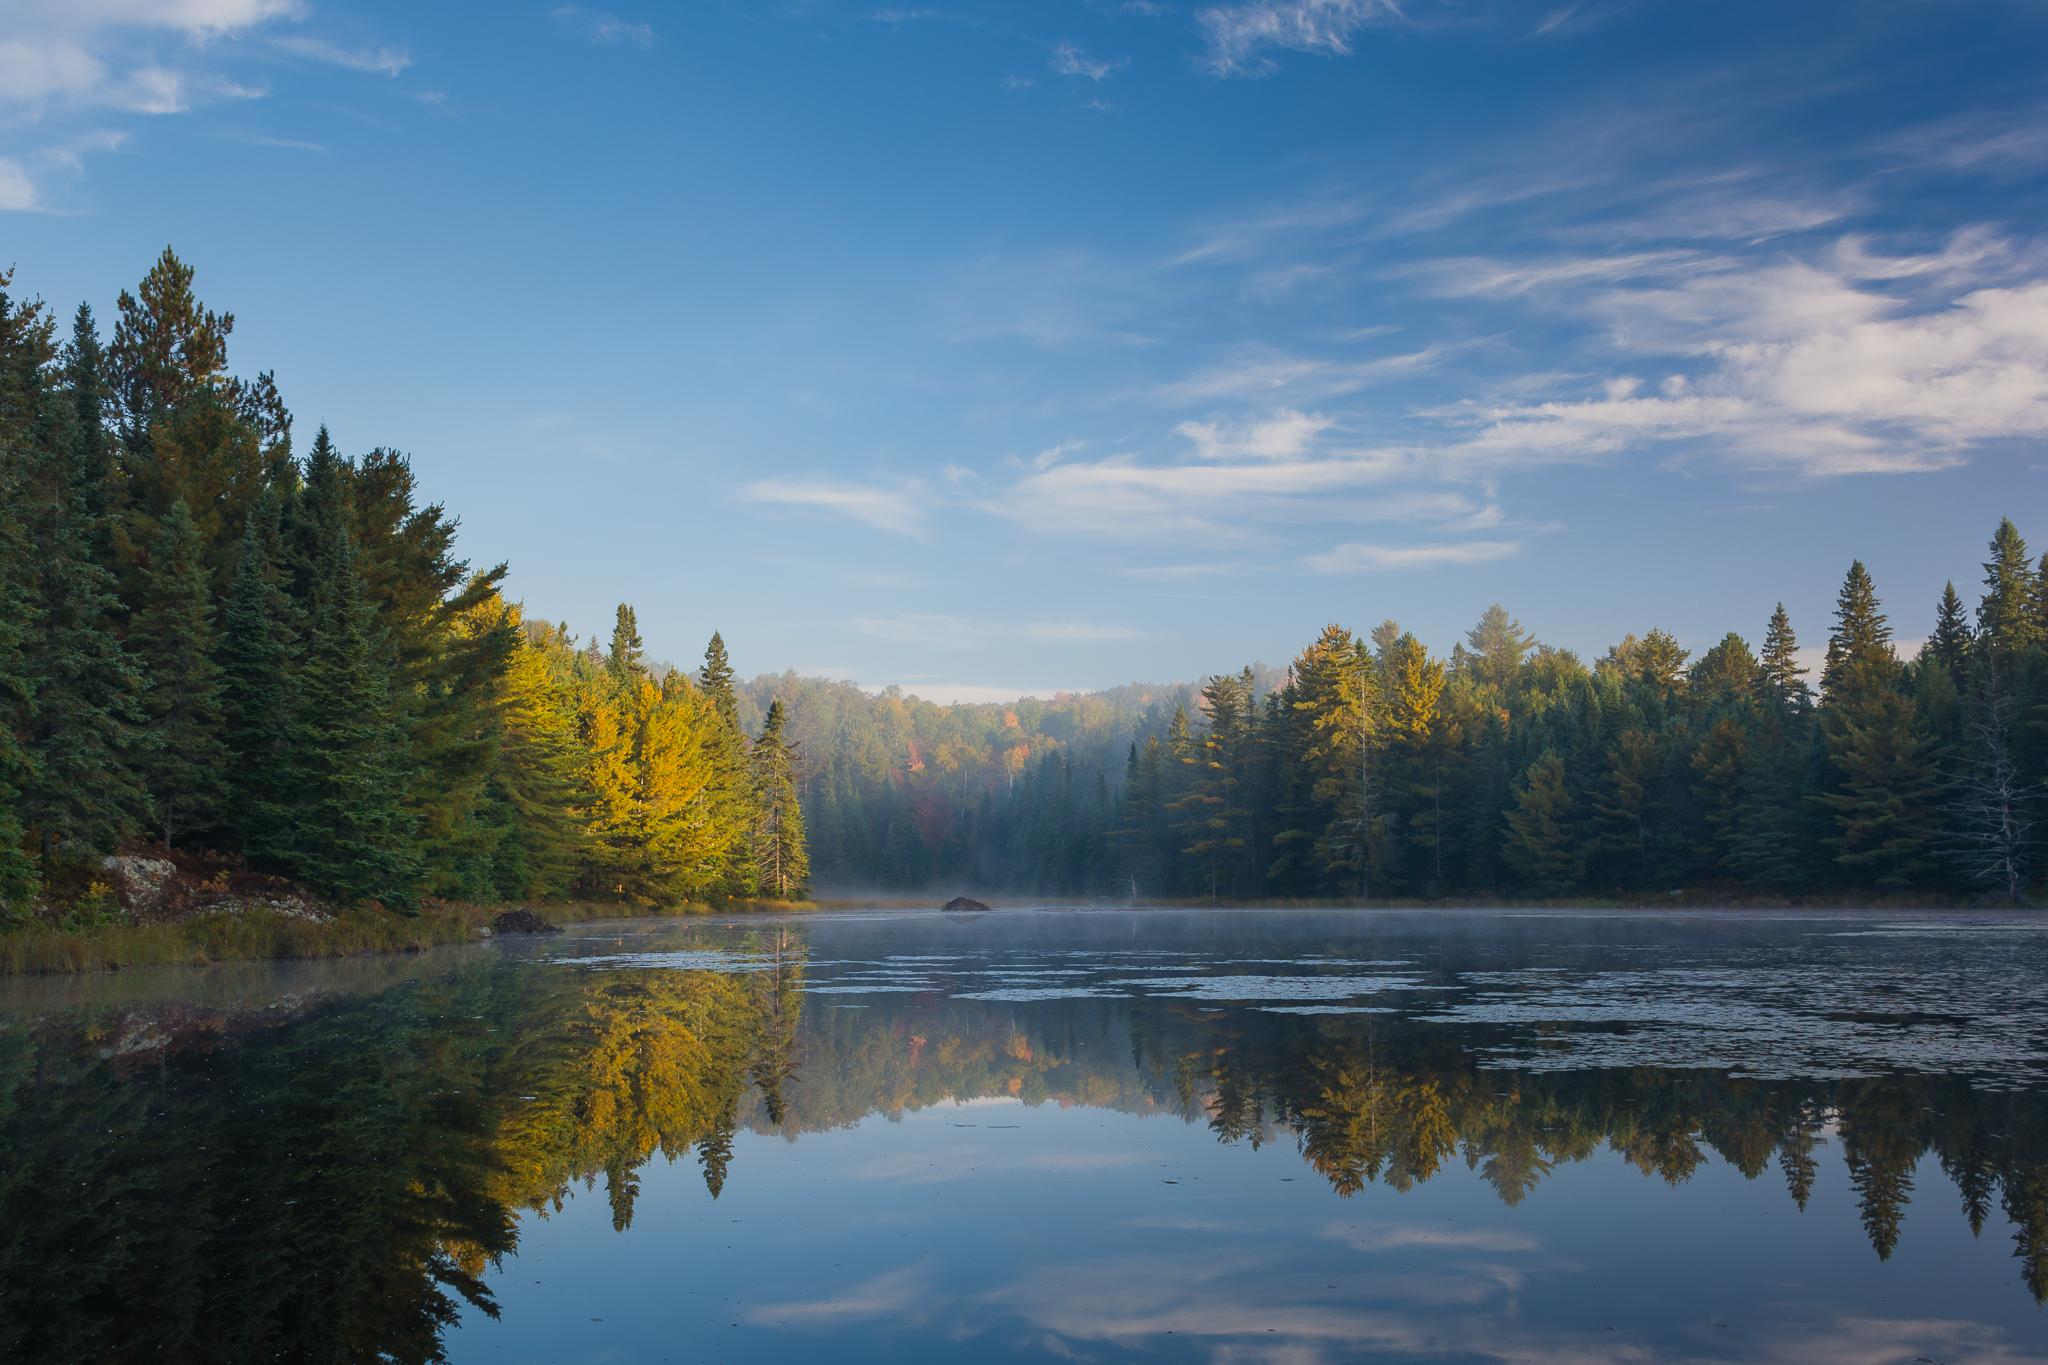 Eucalia Lake (1/13s, f/11, ISO100)